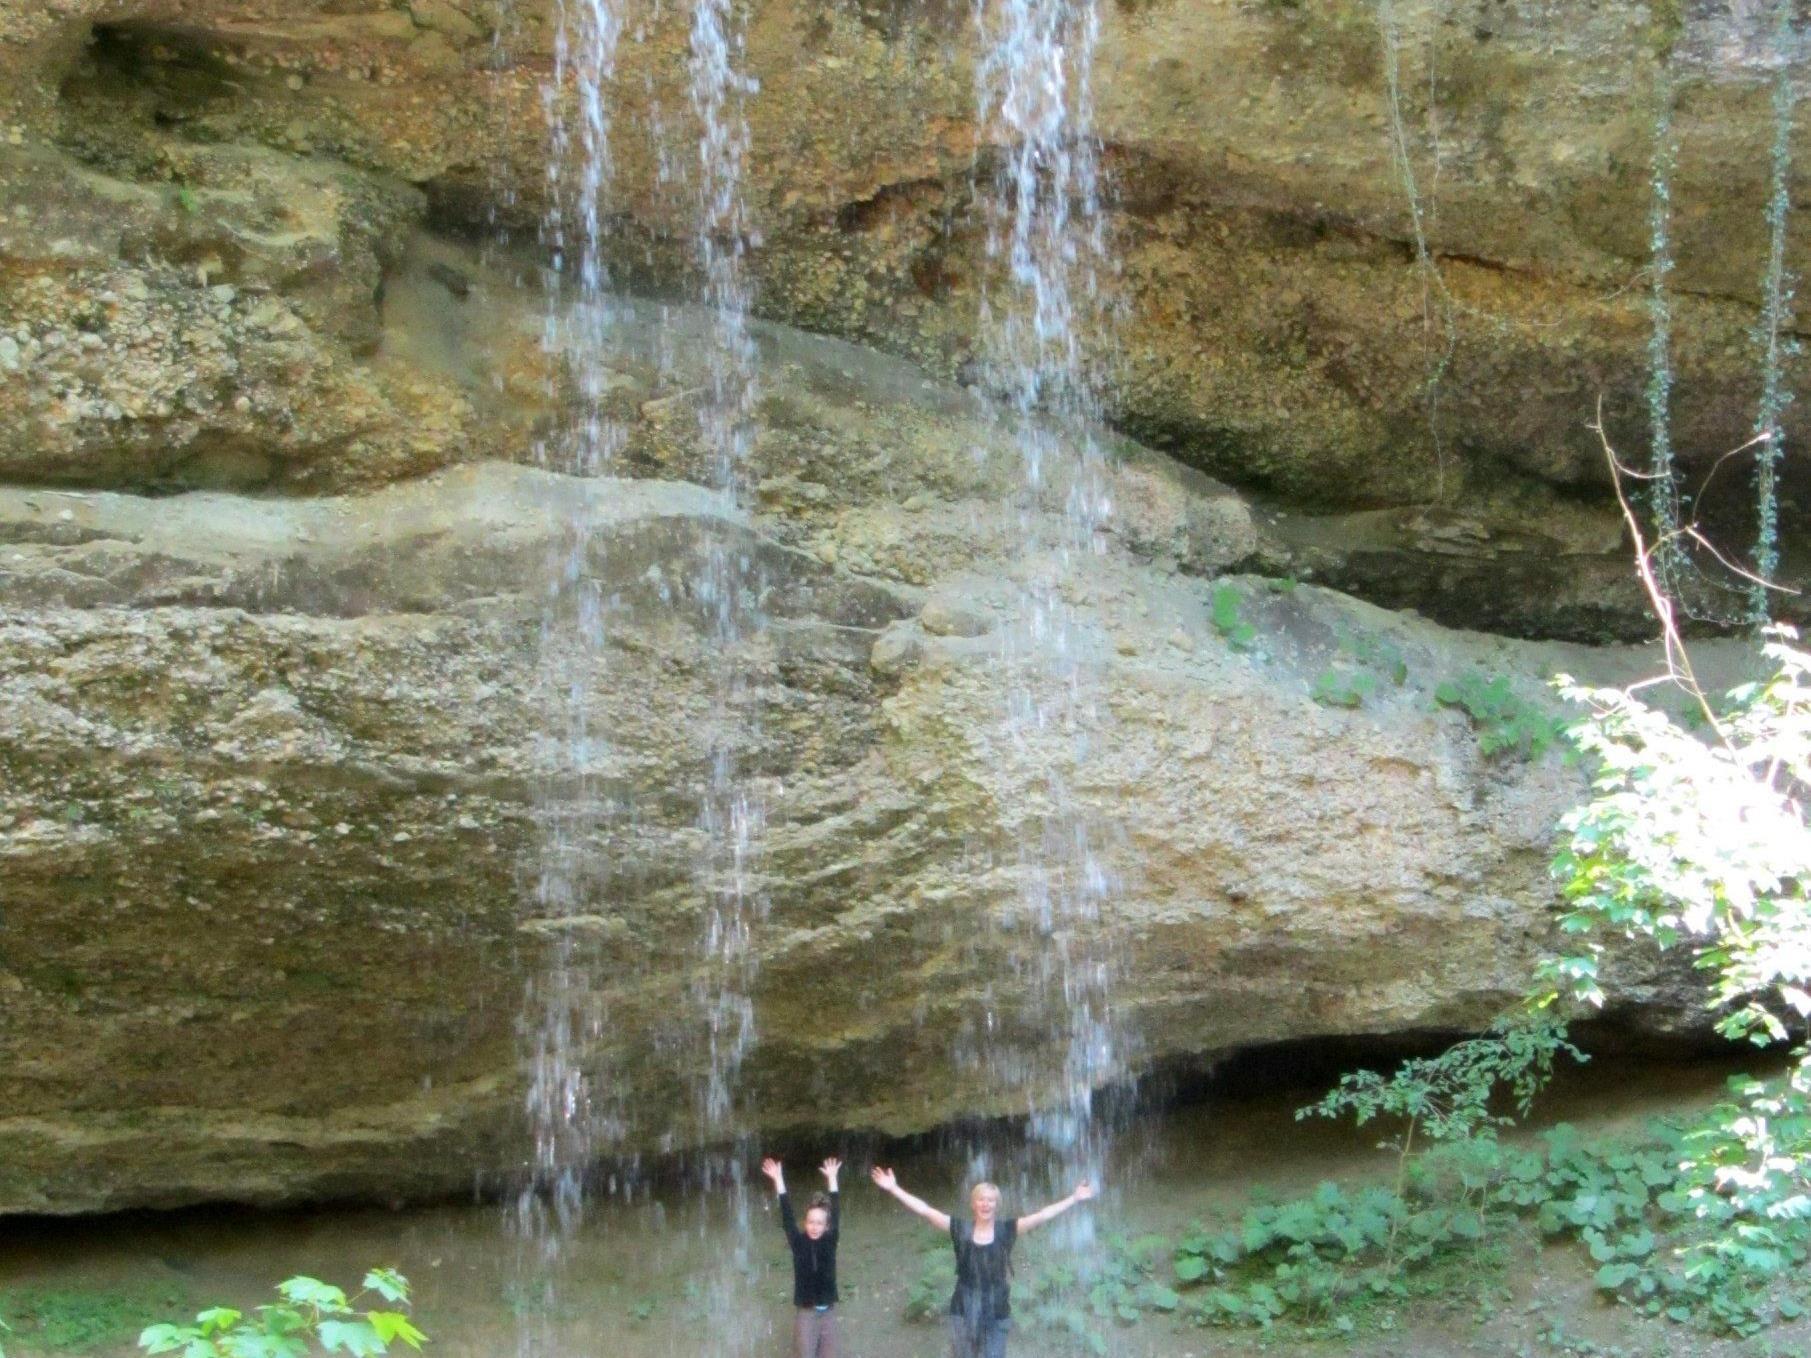 Hinter einem Wasserfall führt der Weg vorbei - ein feiner Wassernebel umfängt die Besucher